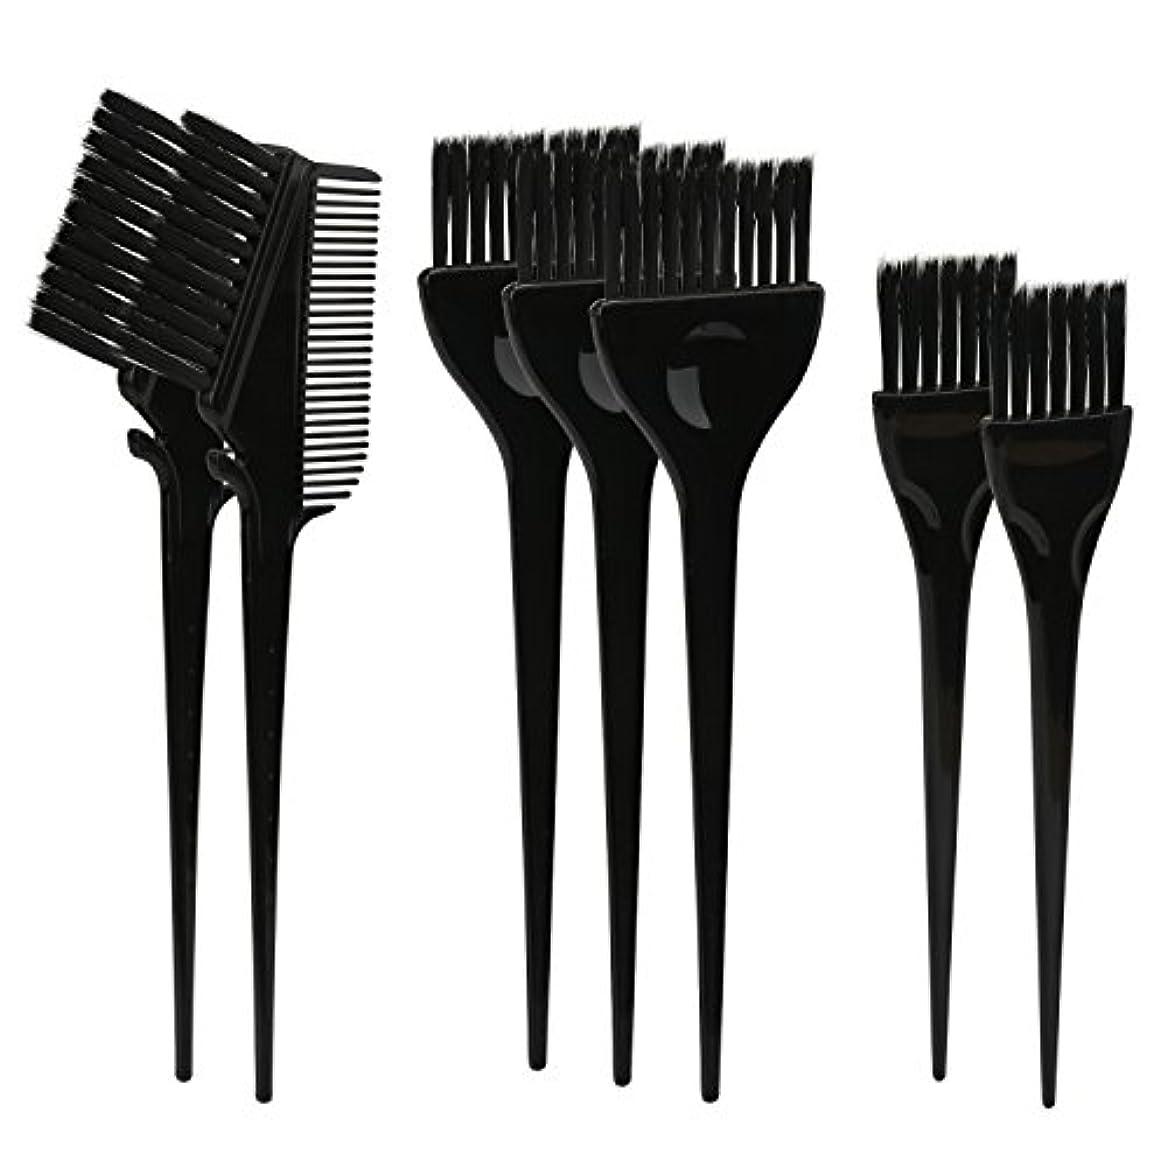 見かけ上別れるブルSegbeauty ヘアカラー DIY プロ髪染め用のブラシ 7pcs 美髪師用 サロン工具セット